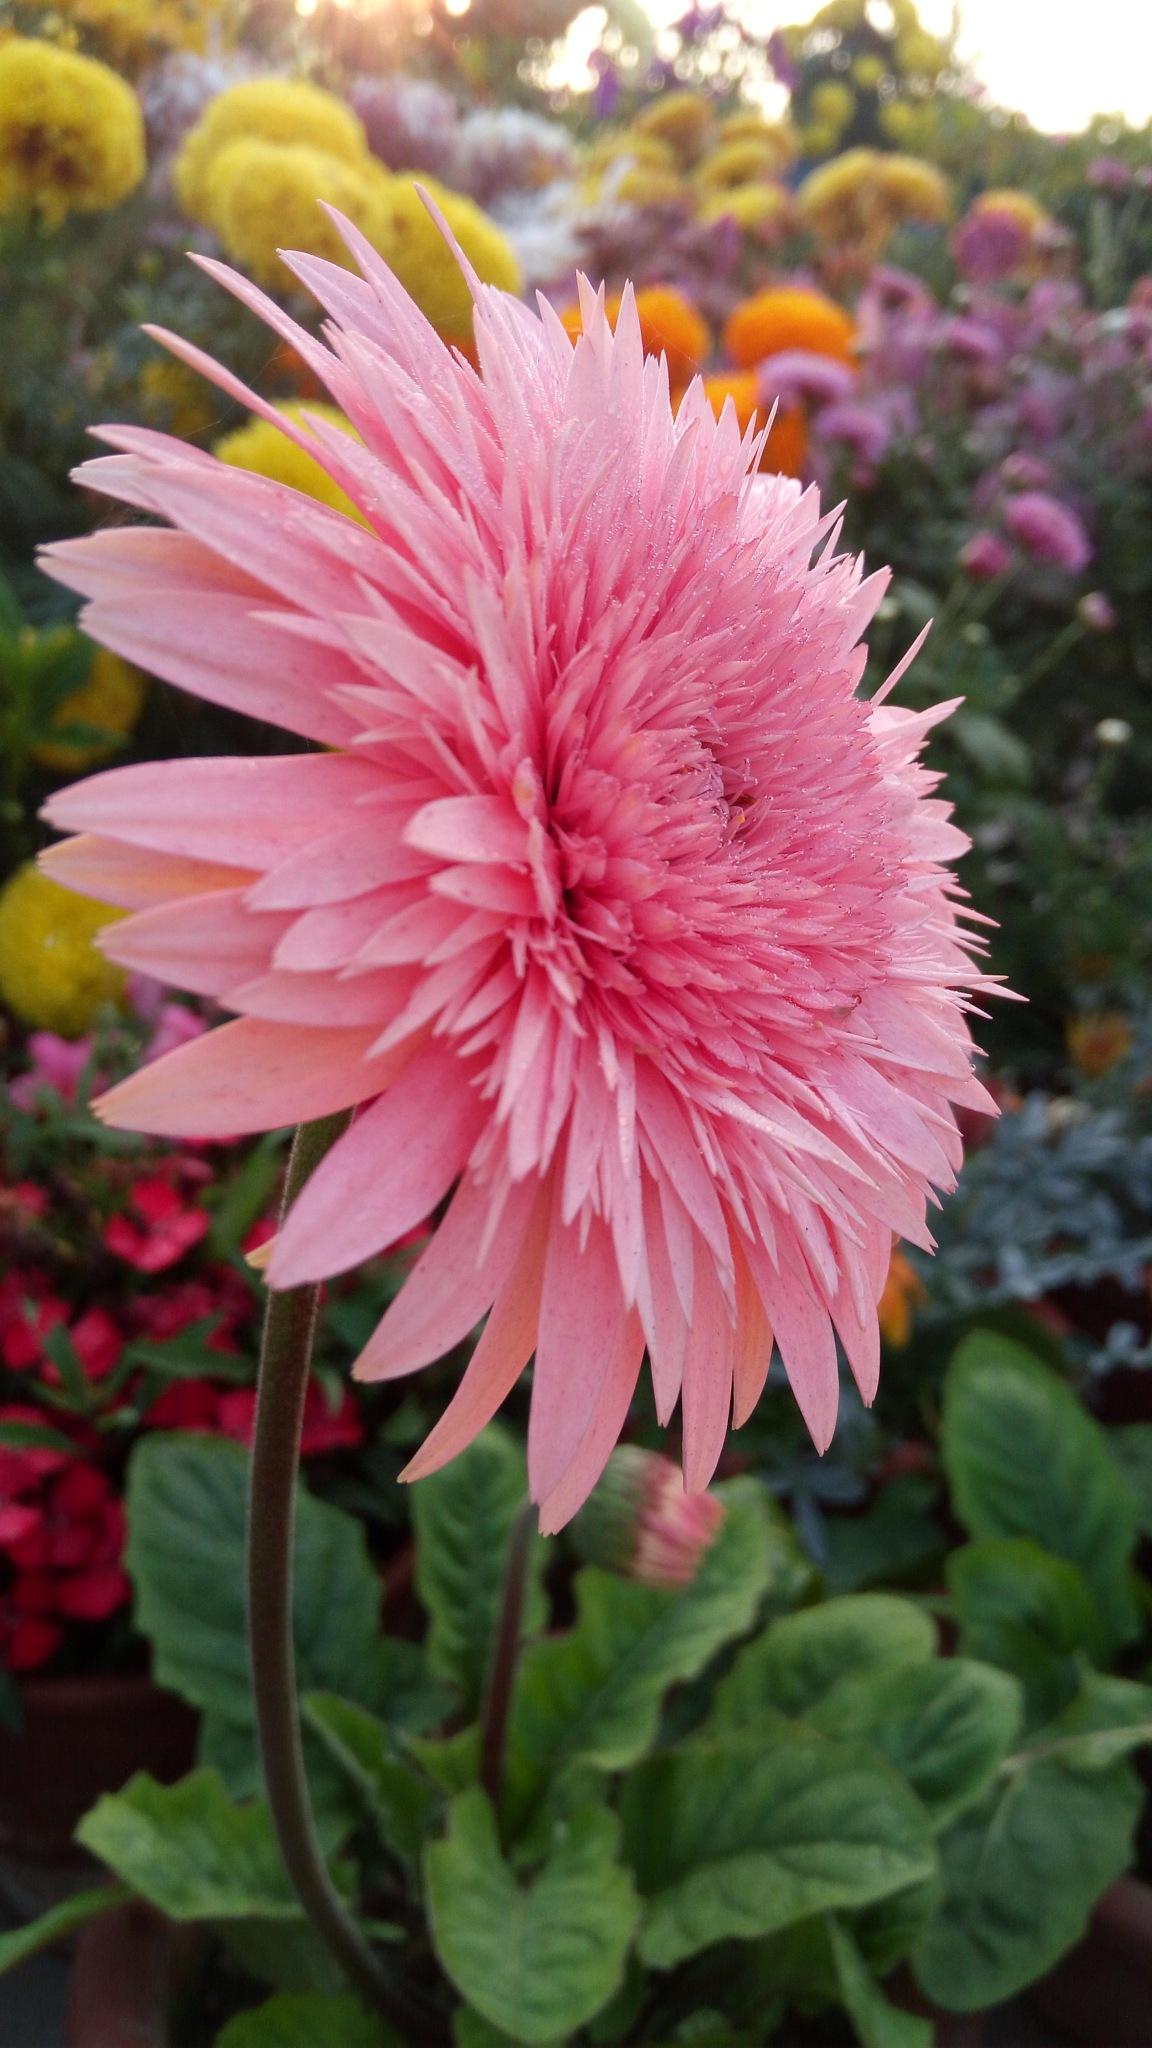 Full Bloom by tkmyspmtm